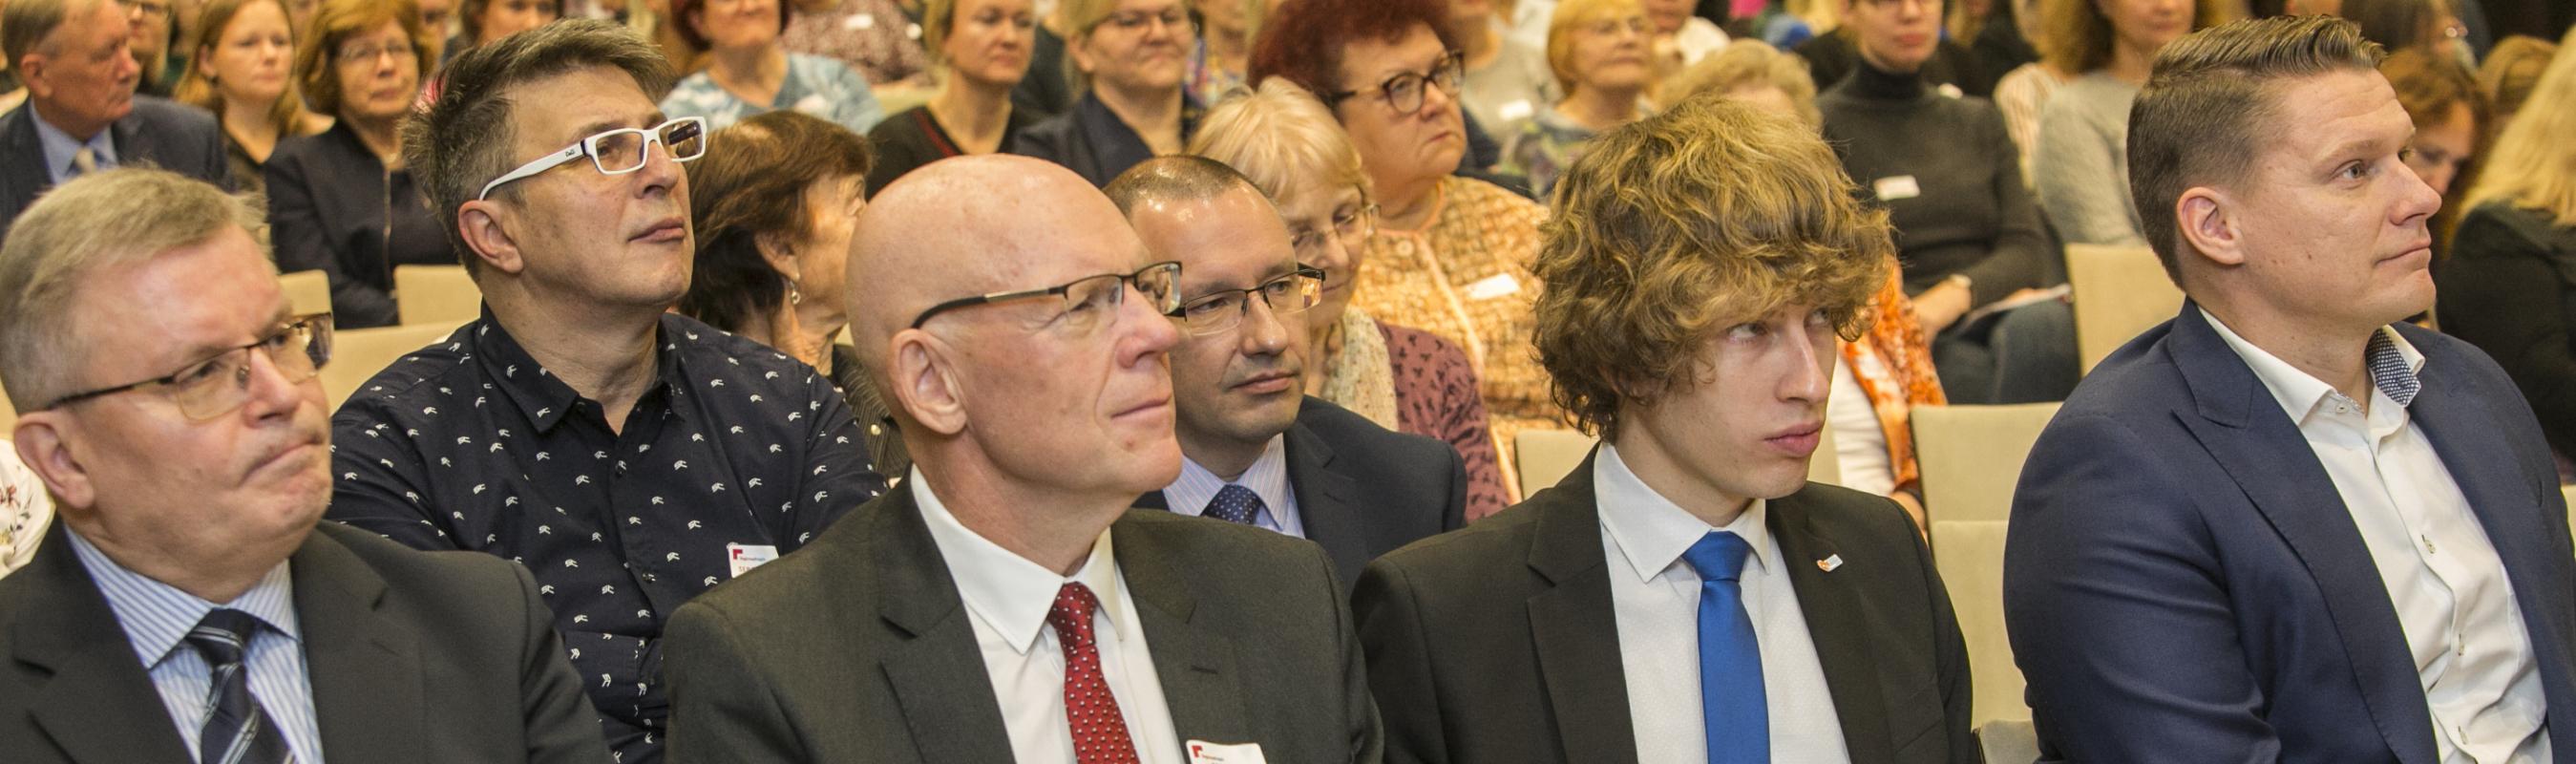 """Konverents """"Põhja-Eesti Regionaalhaigla kui interdistsiplinaarne südamekeskus"""""""